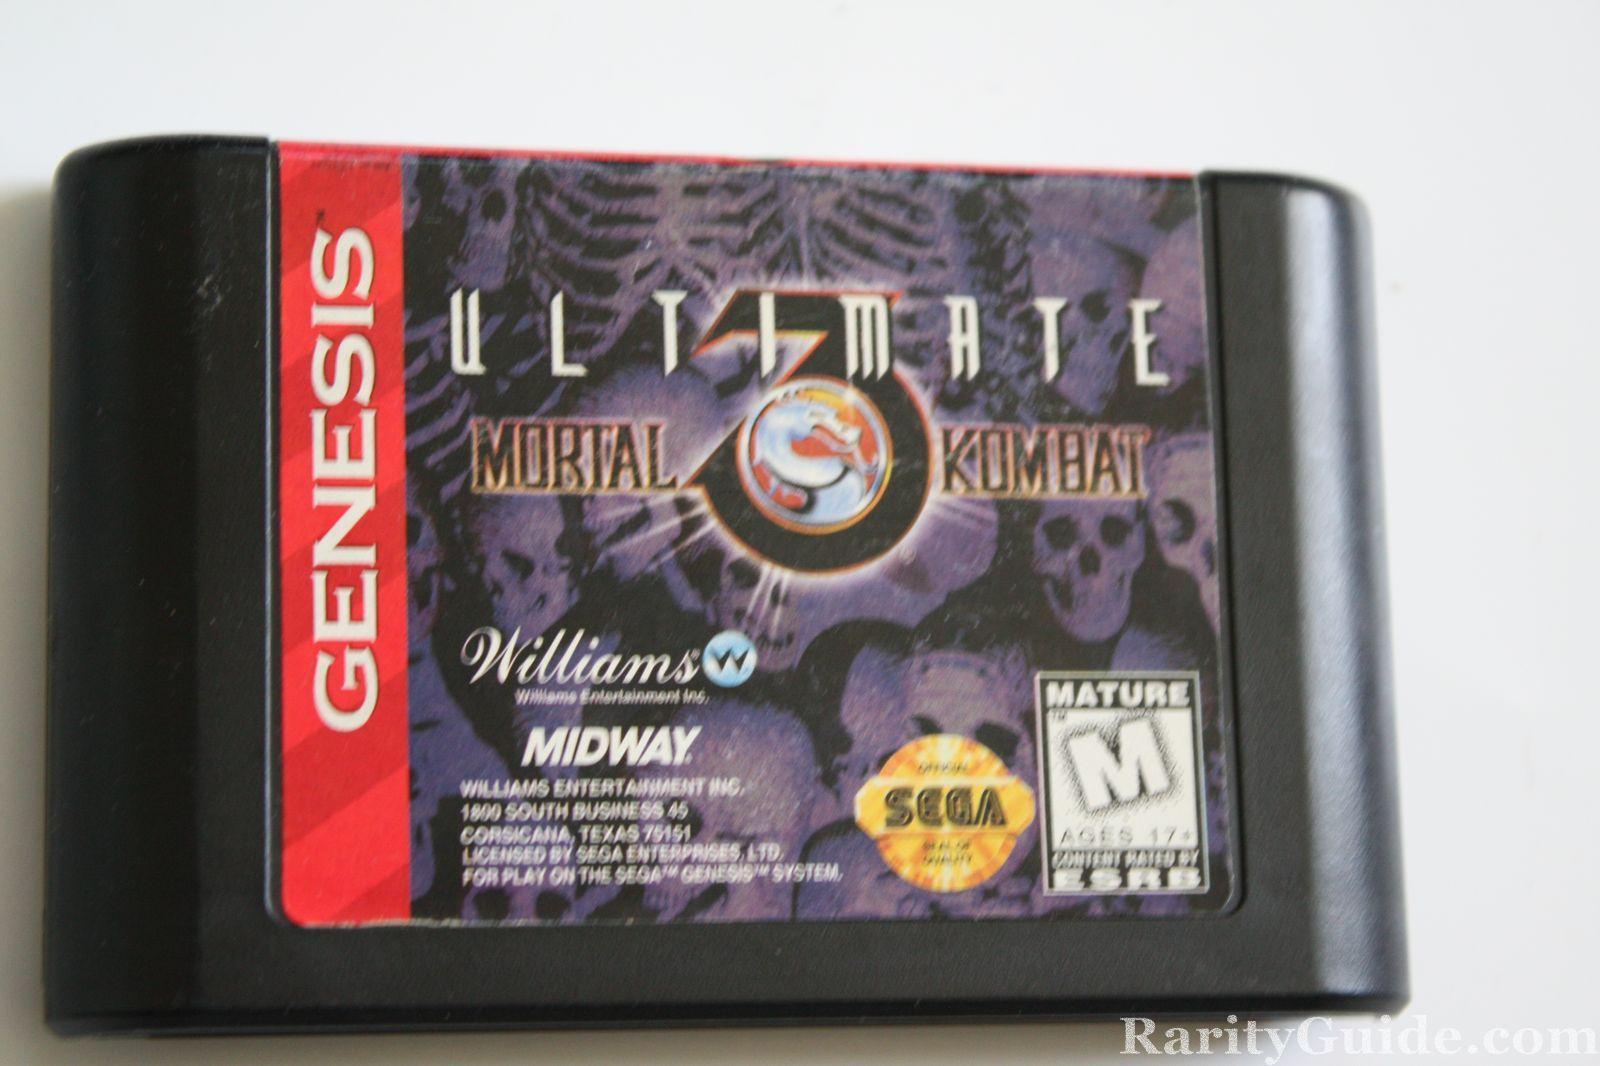 Cartucho De Juego Mortal Kombat 3 Ultimate Para Sega Genesis